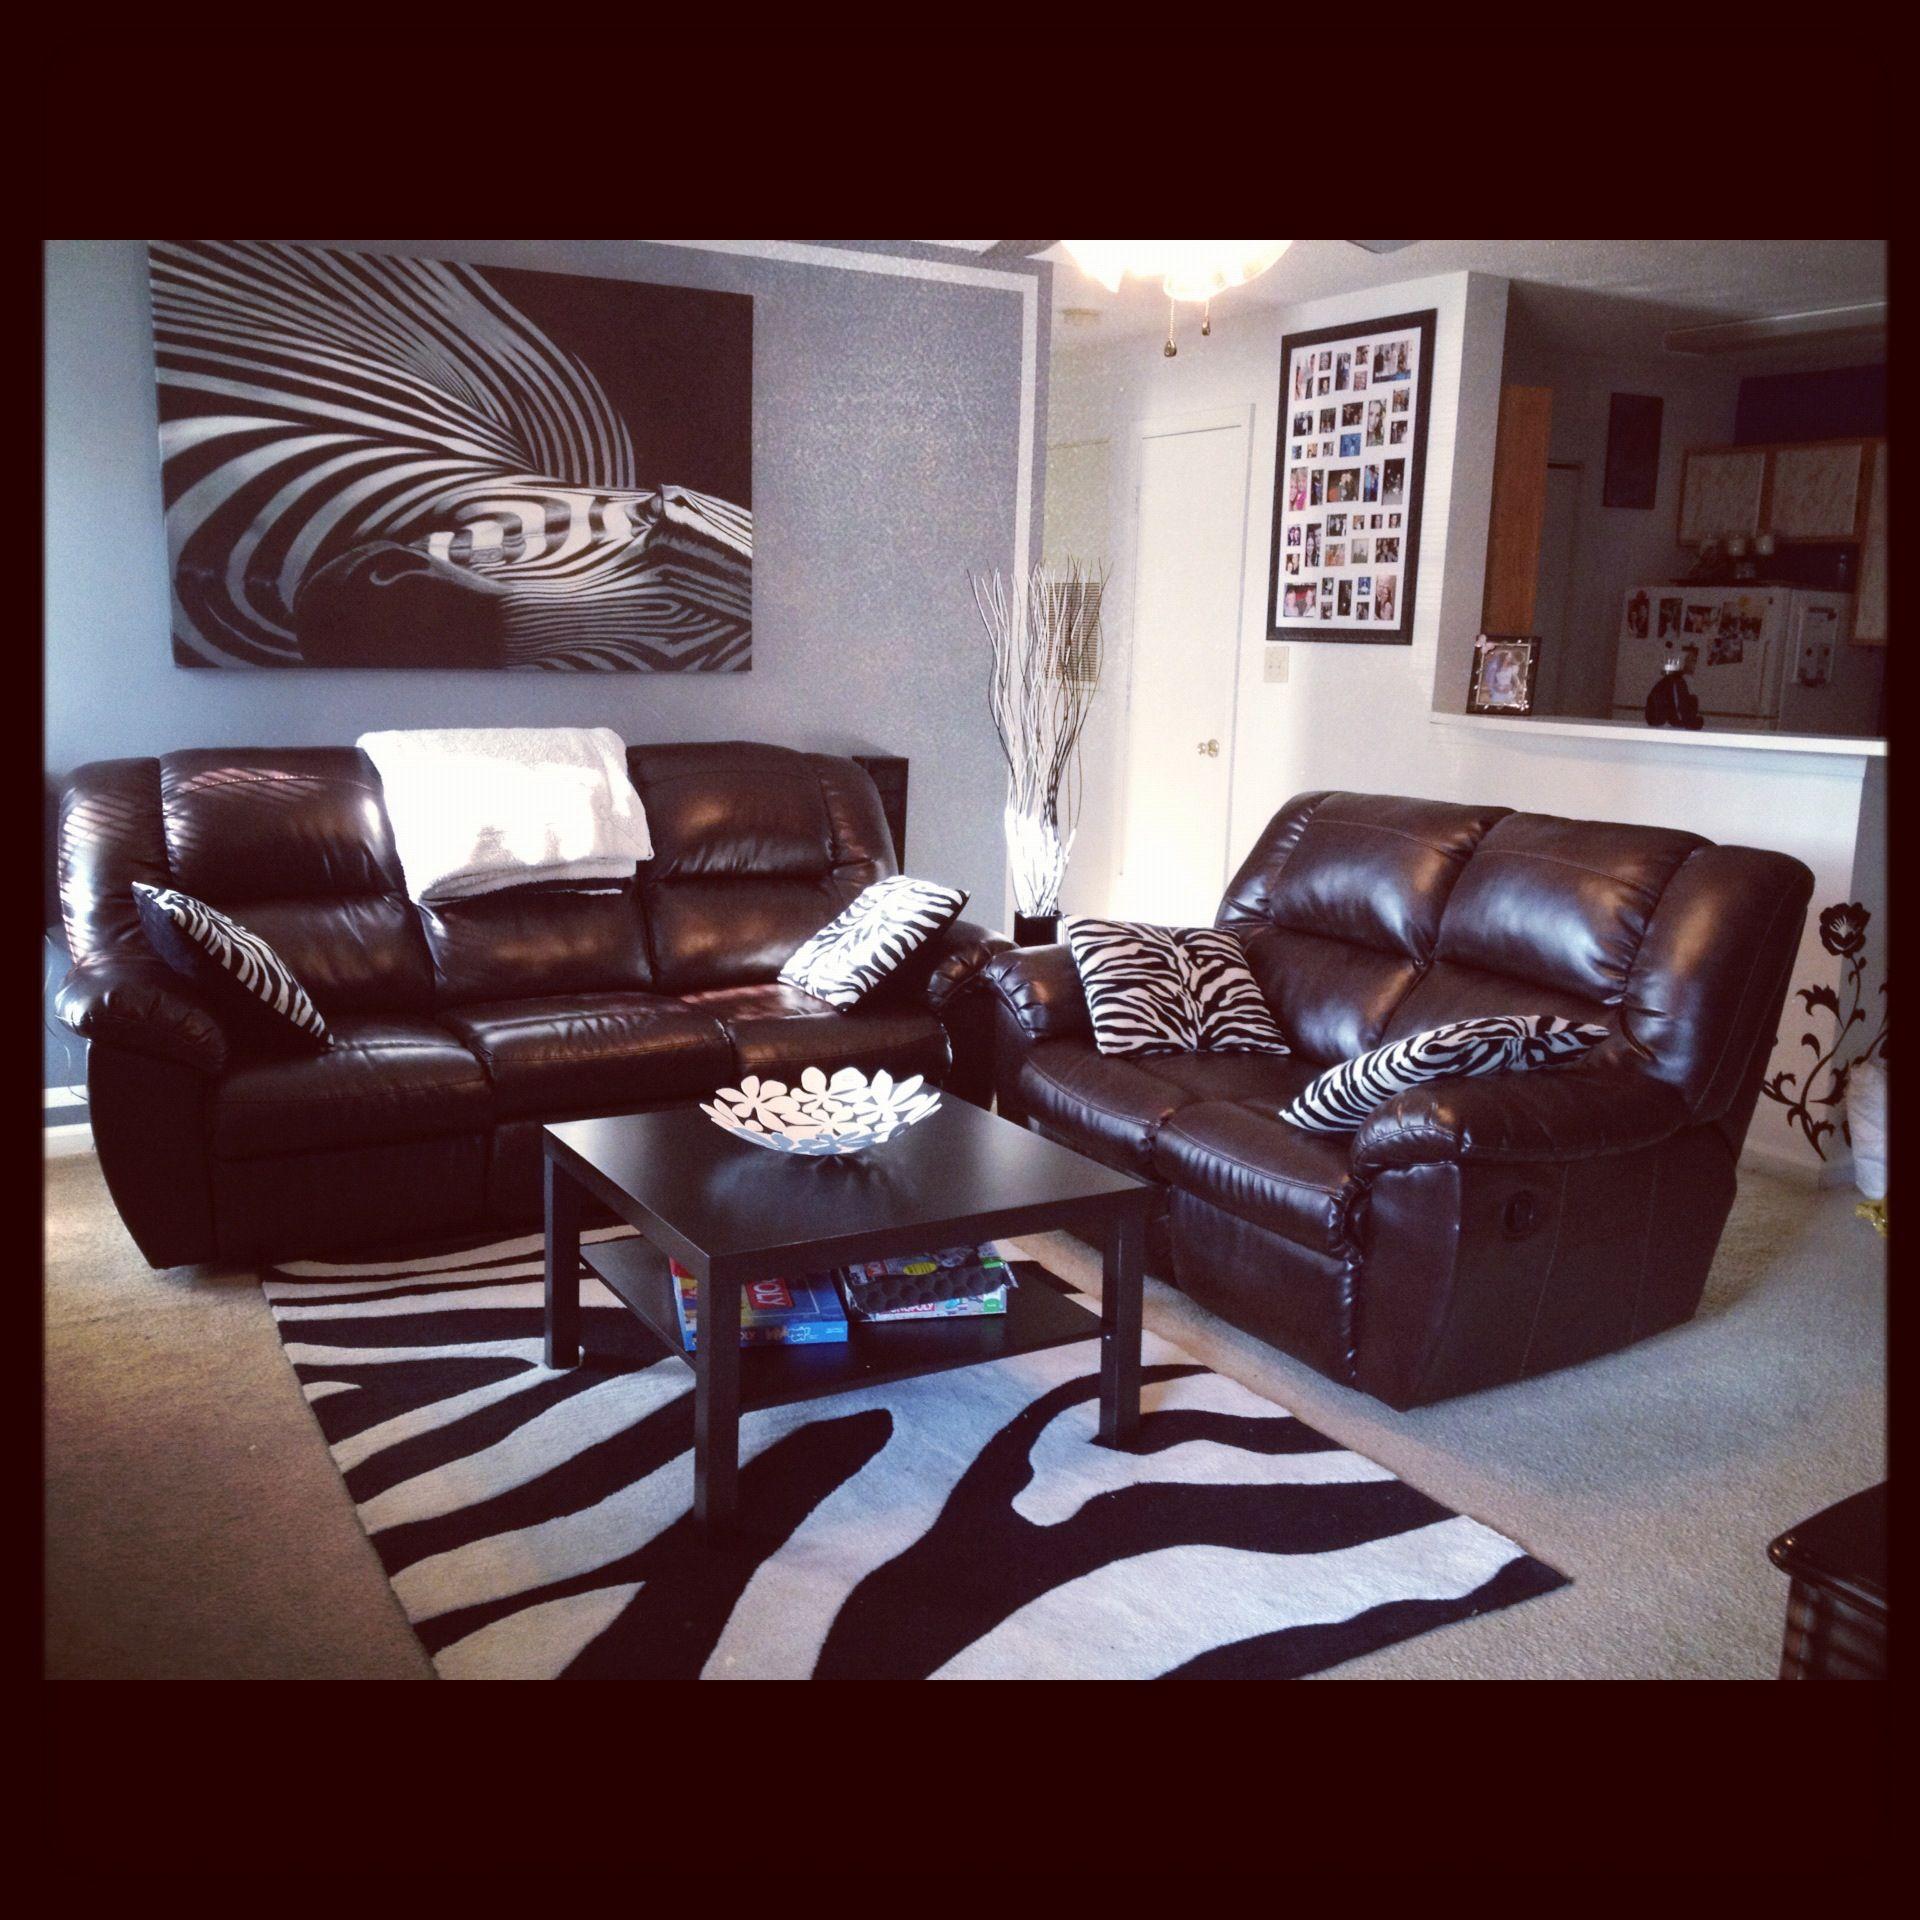 Zebra Living Room For The Home Zebra Living Room Living Room Living Room Decor